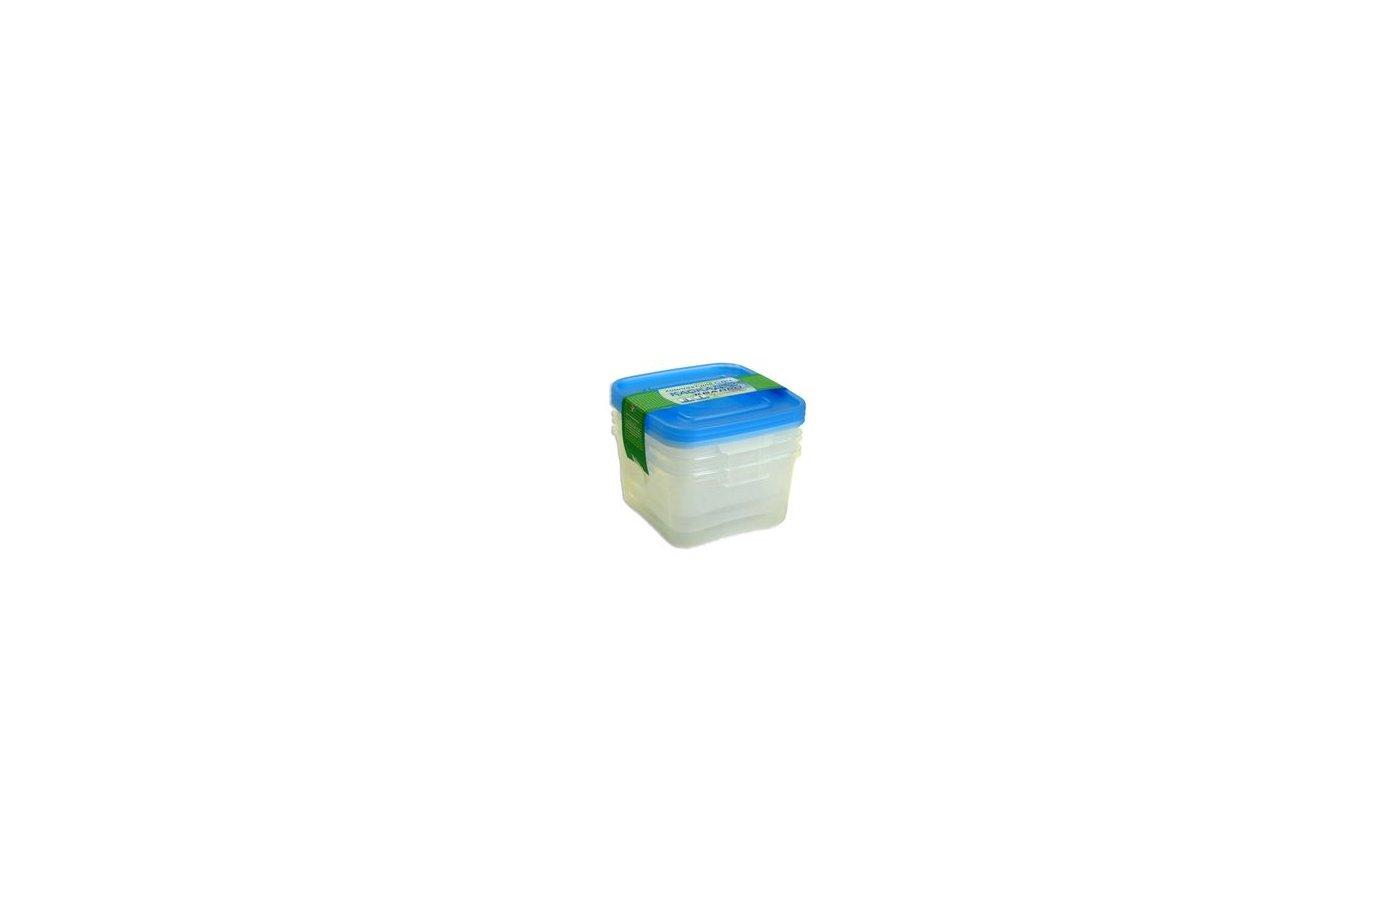 Пластиковая посуда для СВЧ ПОЛИМЕРБЫТ Контейнеры для СВЧ Каскад-2 Квадро 3шт